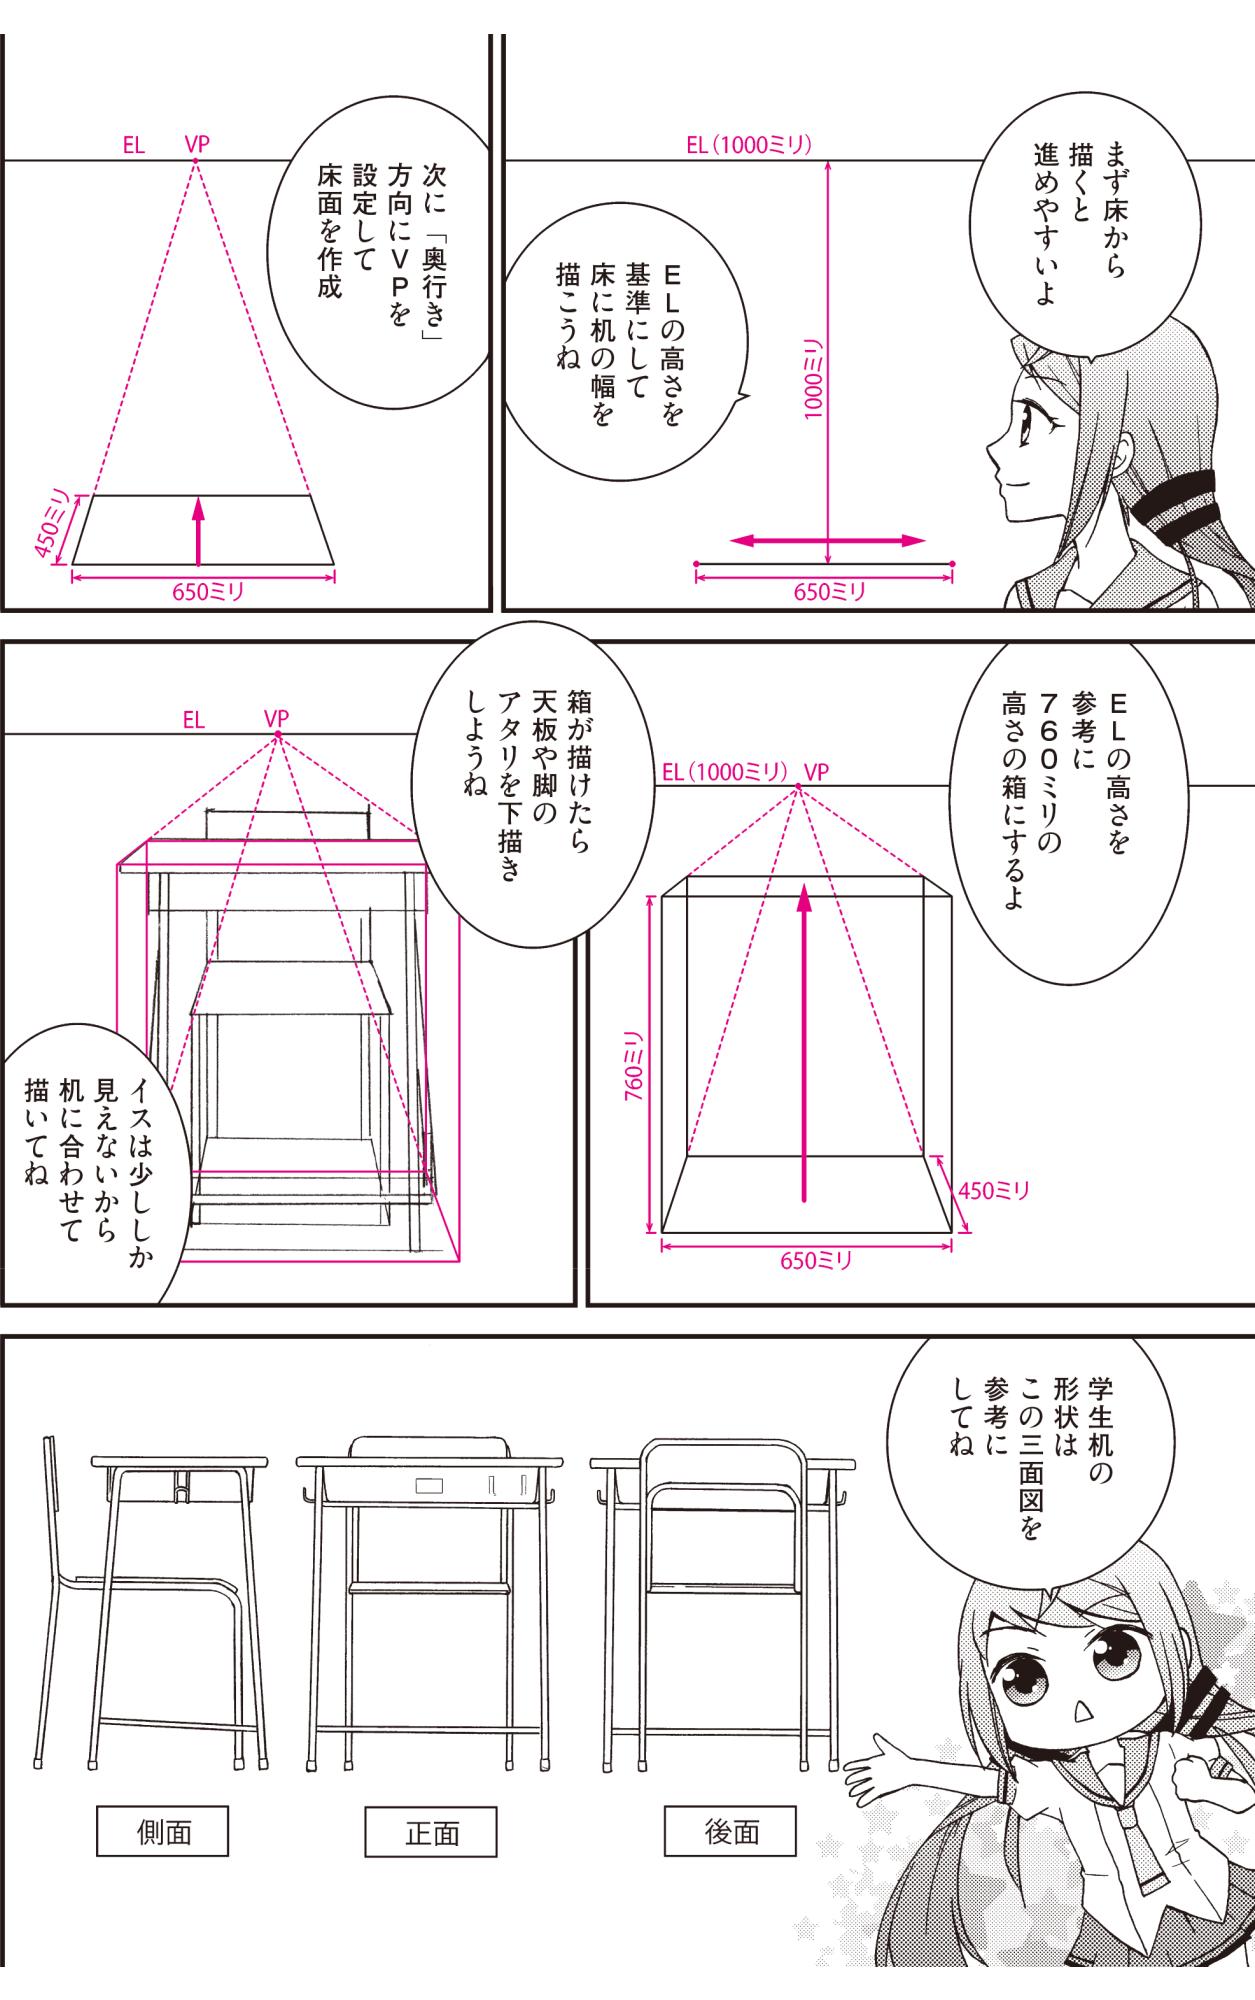 背景・学校〉マンガでわかる!机と椅子の描き方